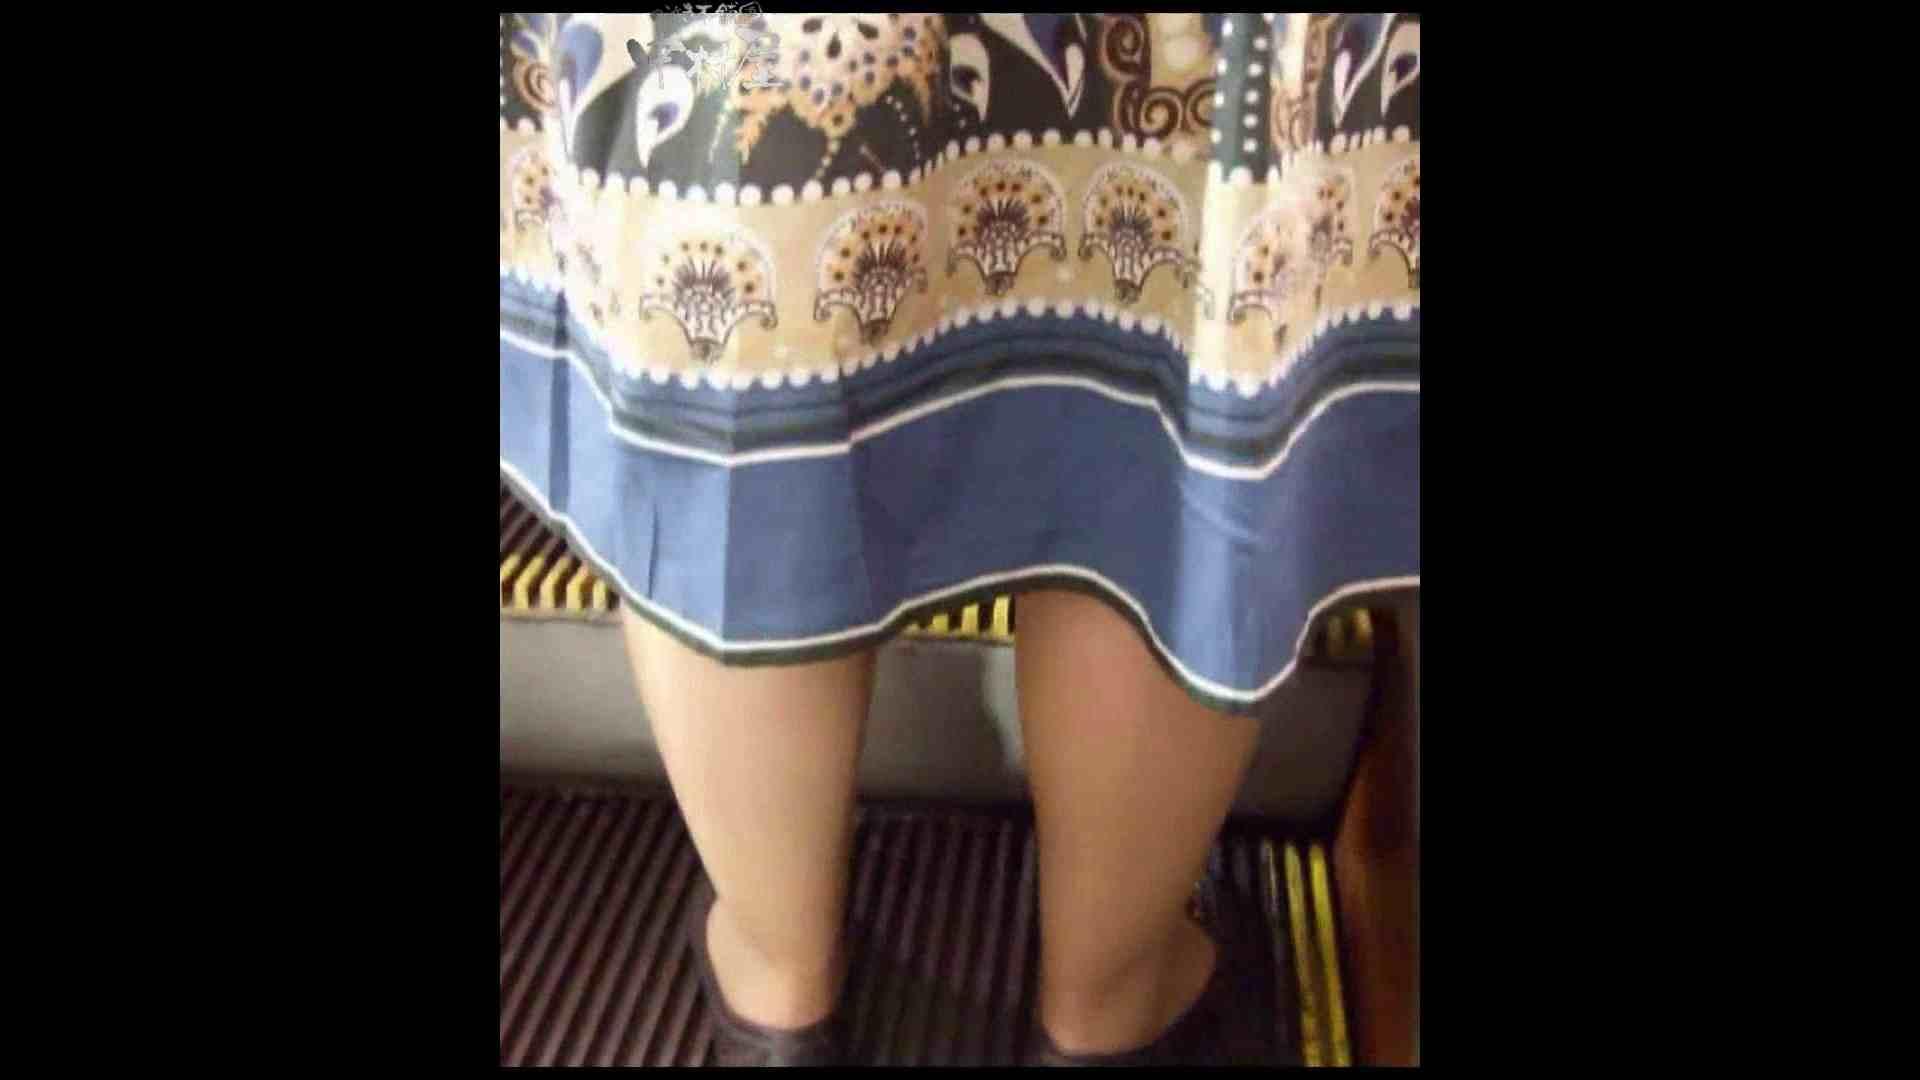 綺麗なモデルさんのスカート捲っちゃおう‼ vol13 そそるぜモデル 盗み撮り動画 16連発 7